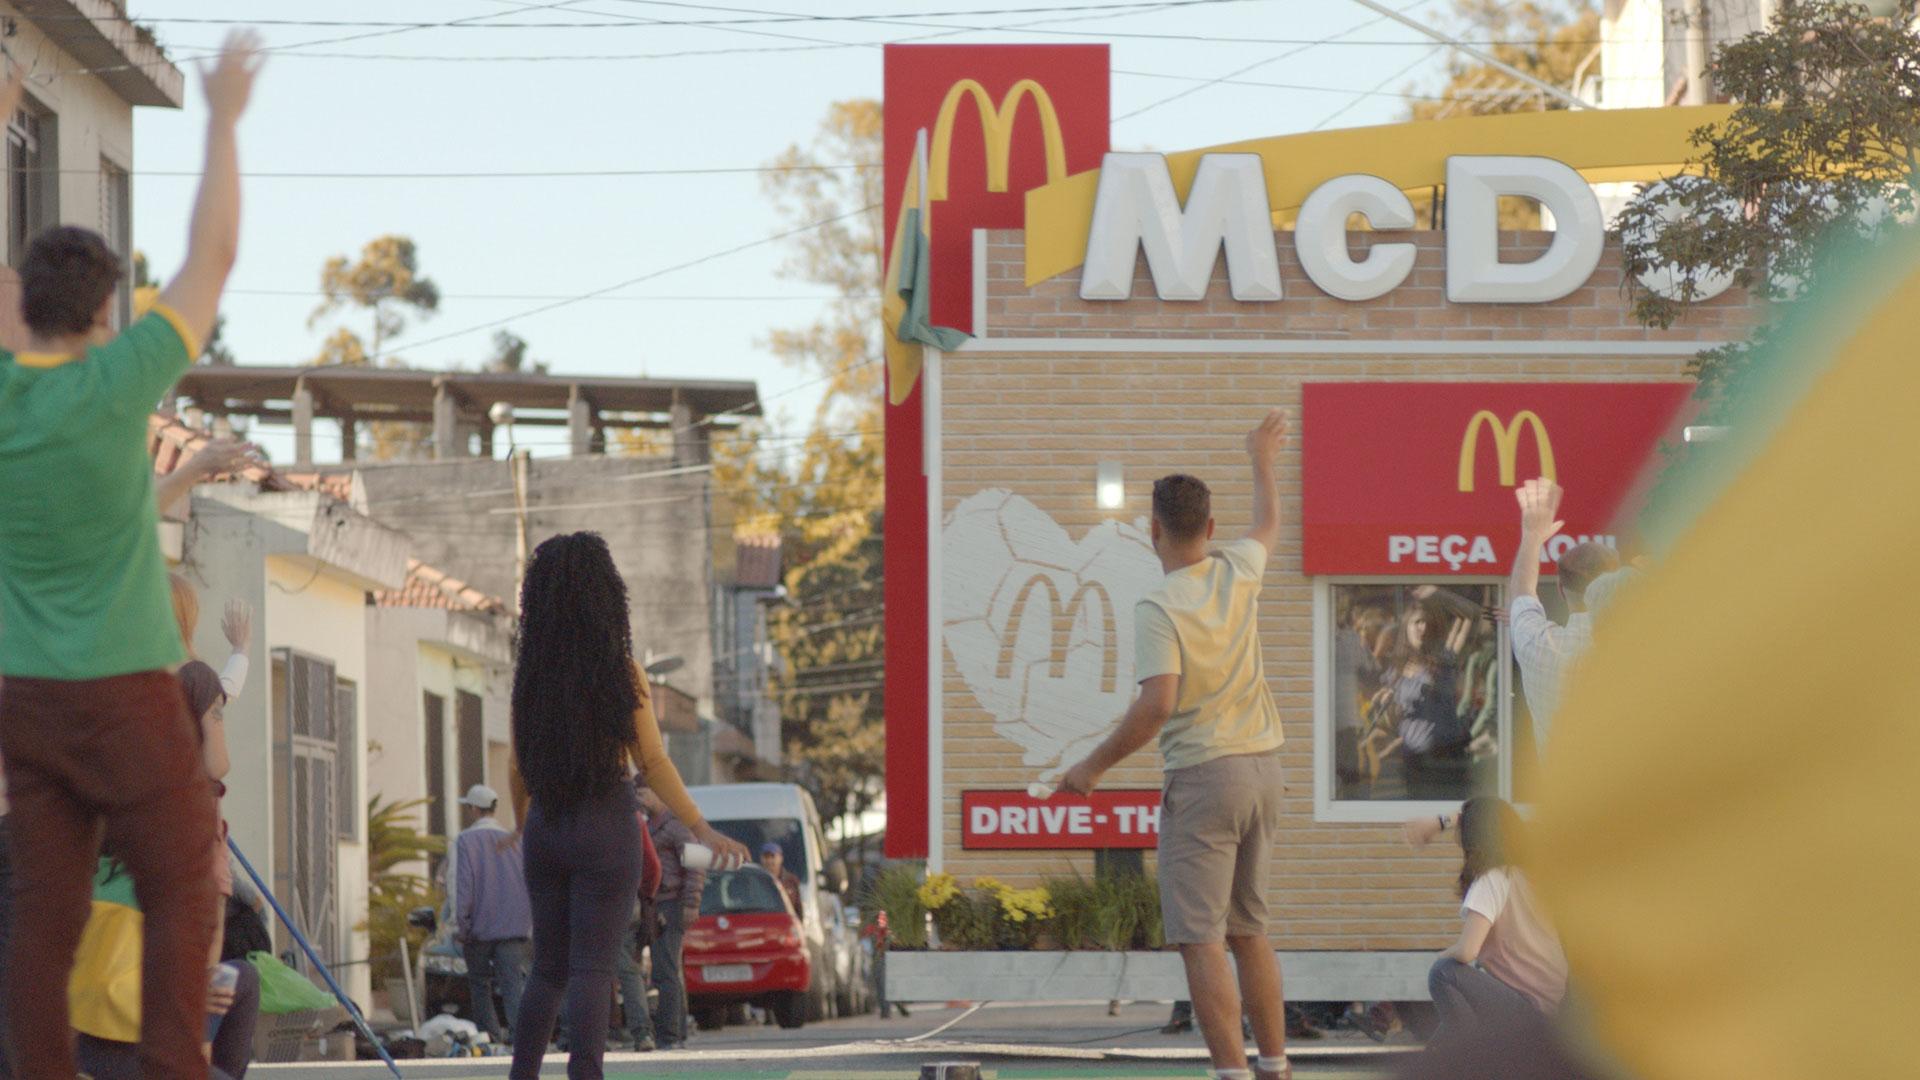 McDonald's celebra o Drive-Thru